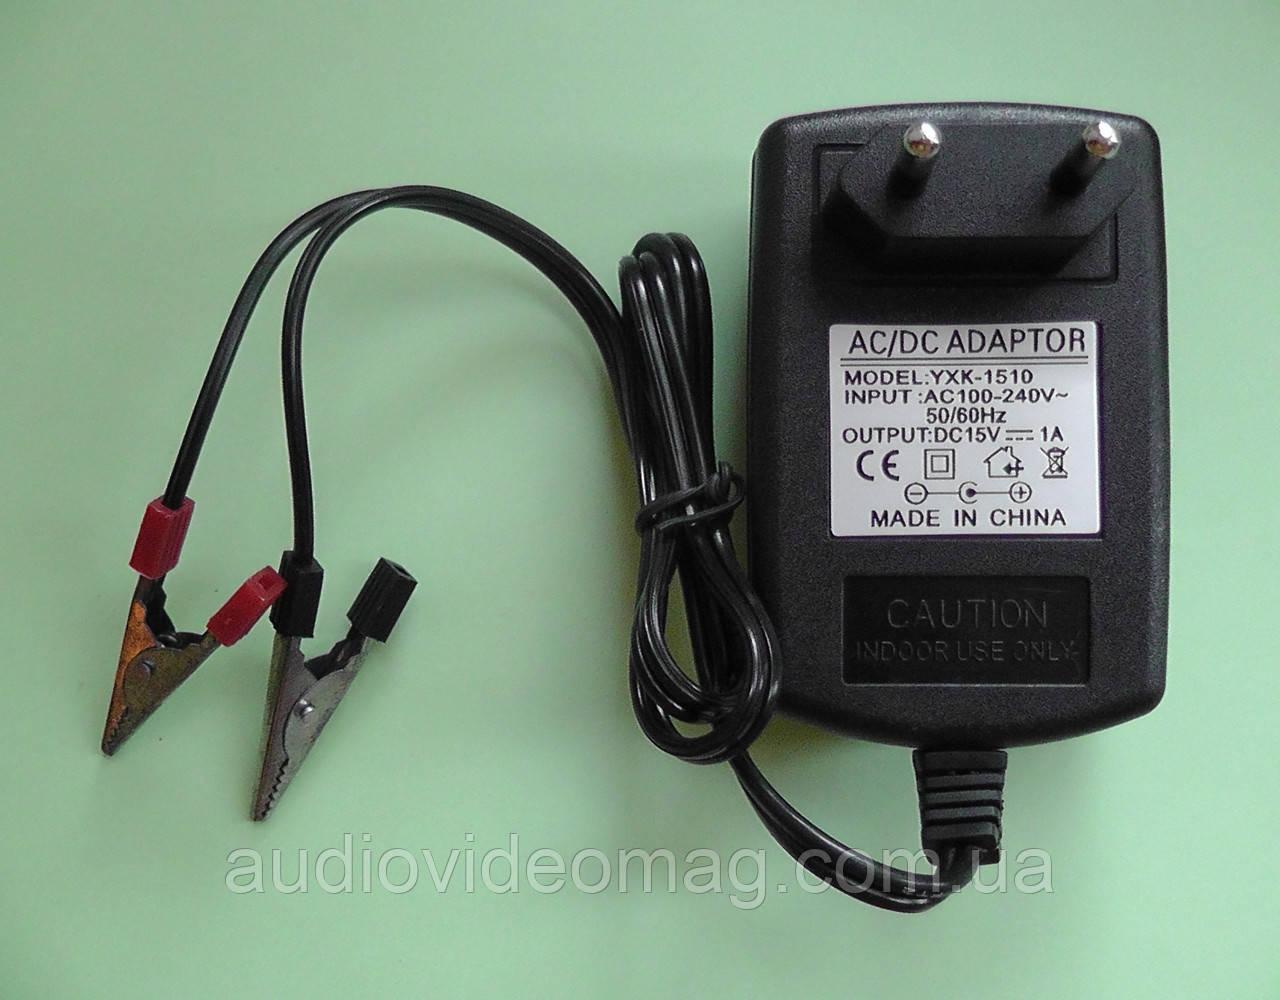 Зарядное устройство 15V 1A  для зарядки аккумуляторов 12V